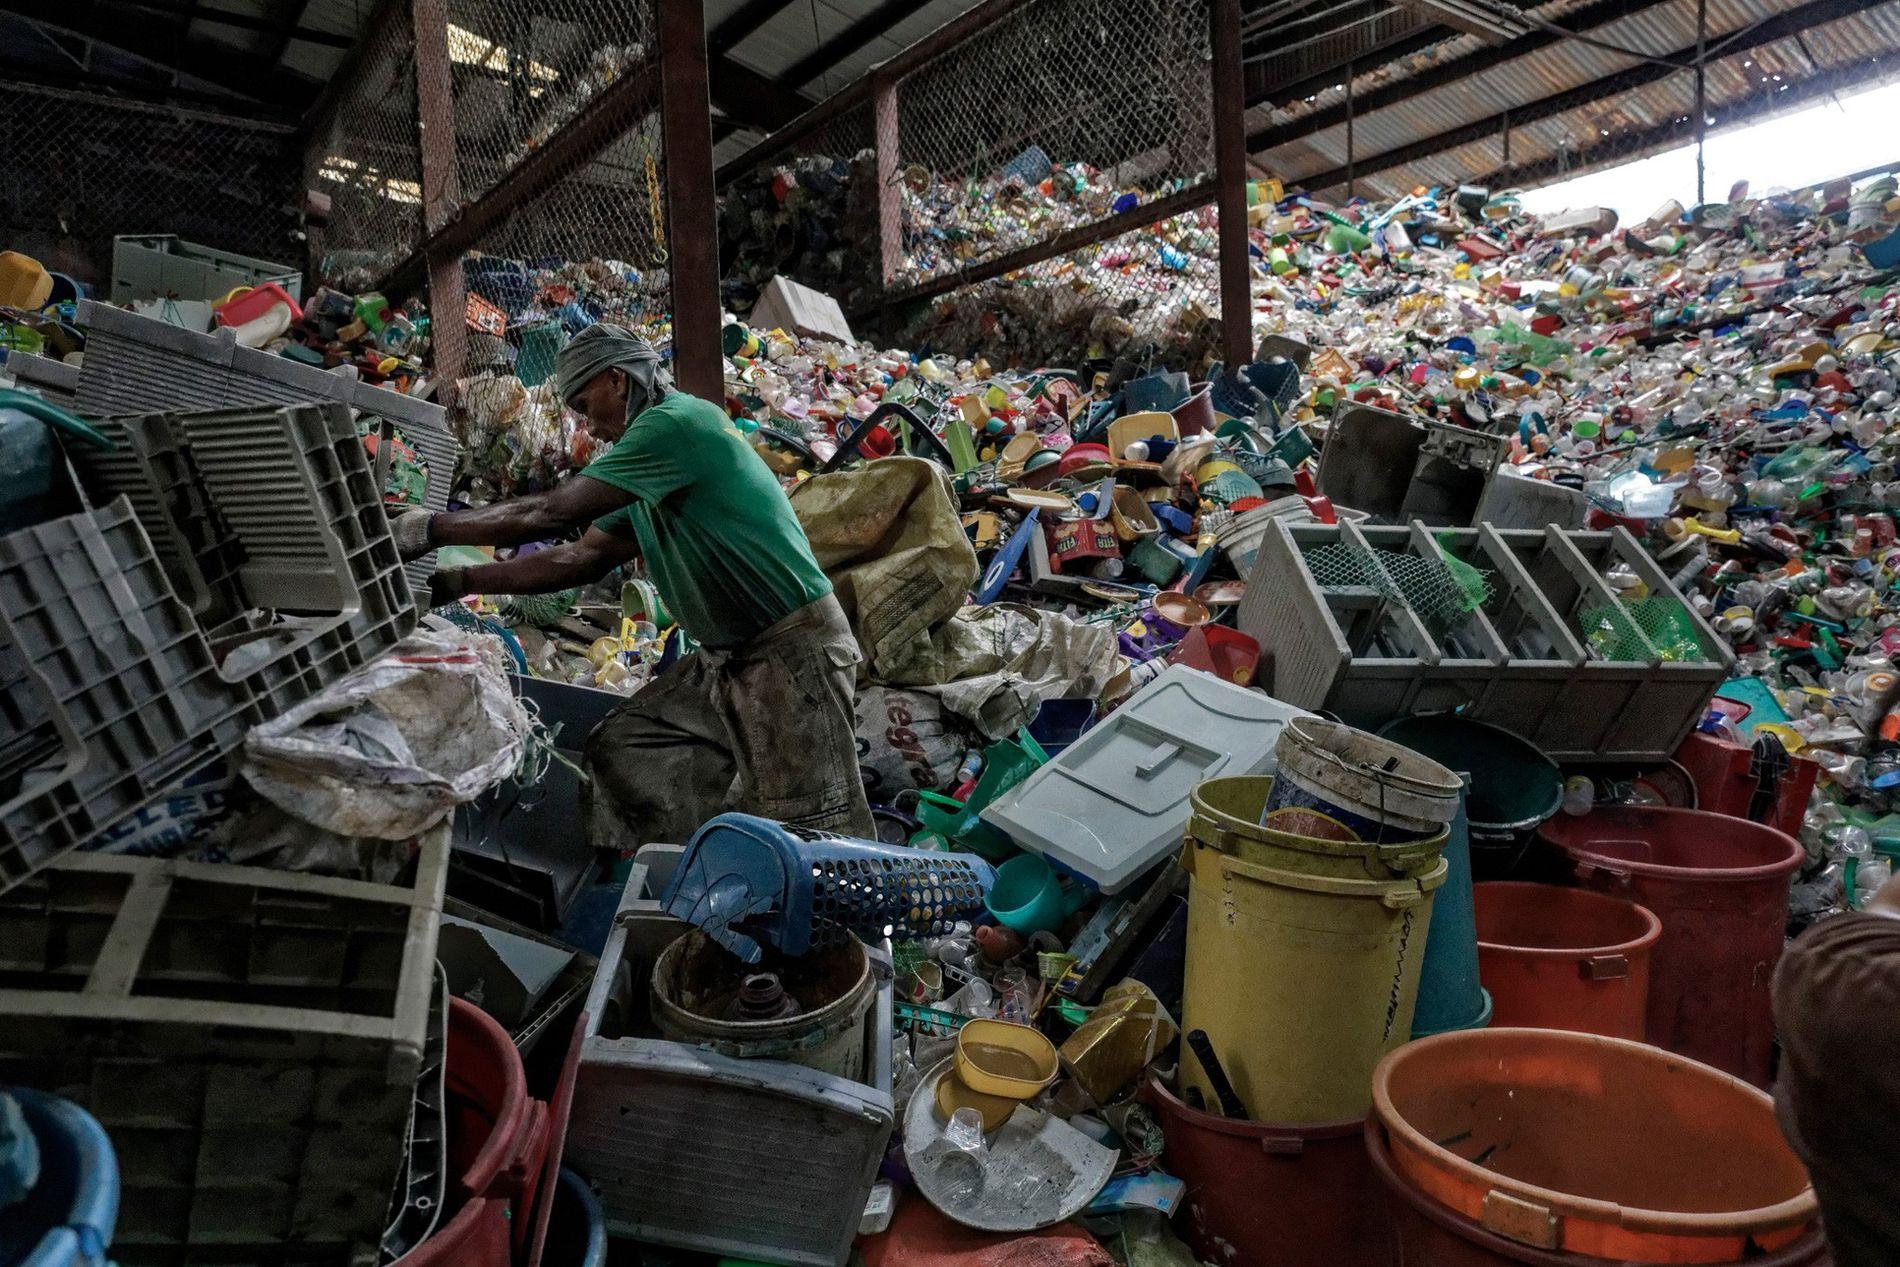 Die Philippinen leisten den drittgrößten Beitrag zur Plastikverschmutzung der Meere. Auf diesem Bild wird gerade Müll sortiert.